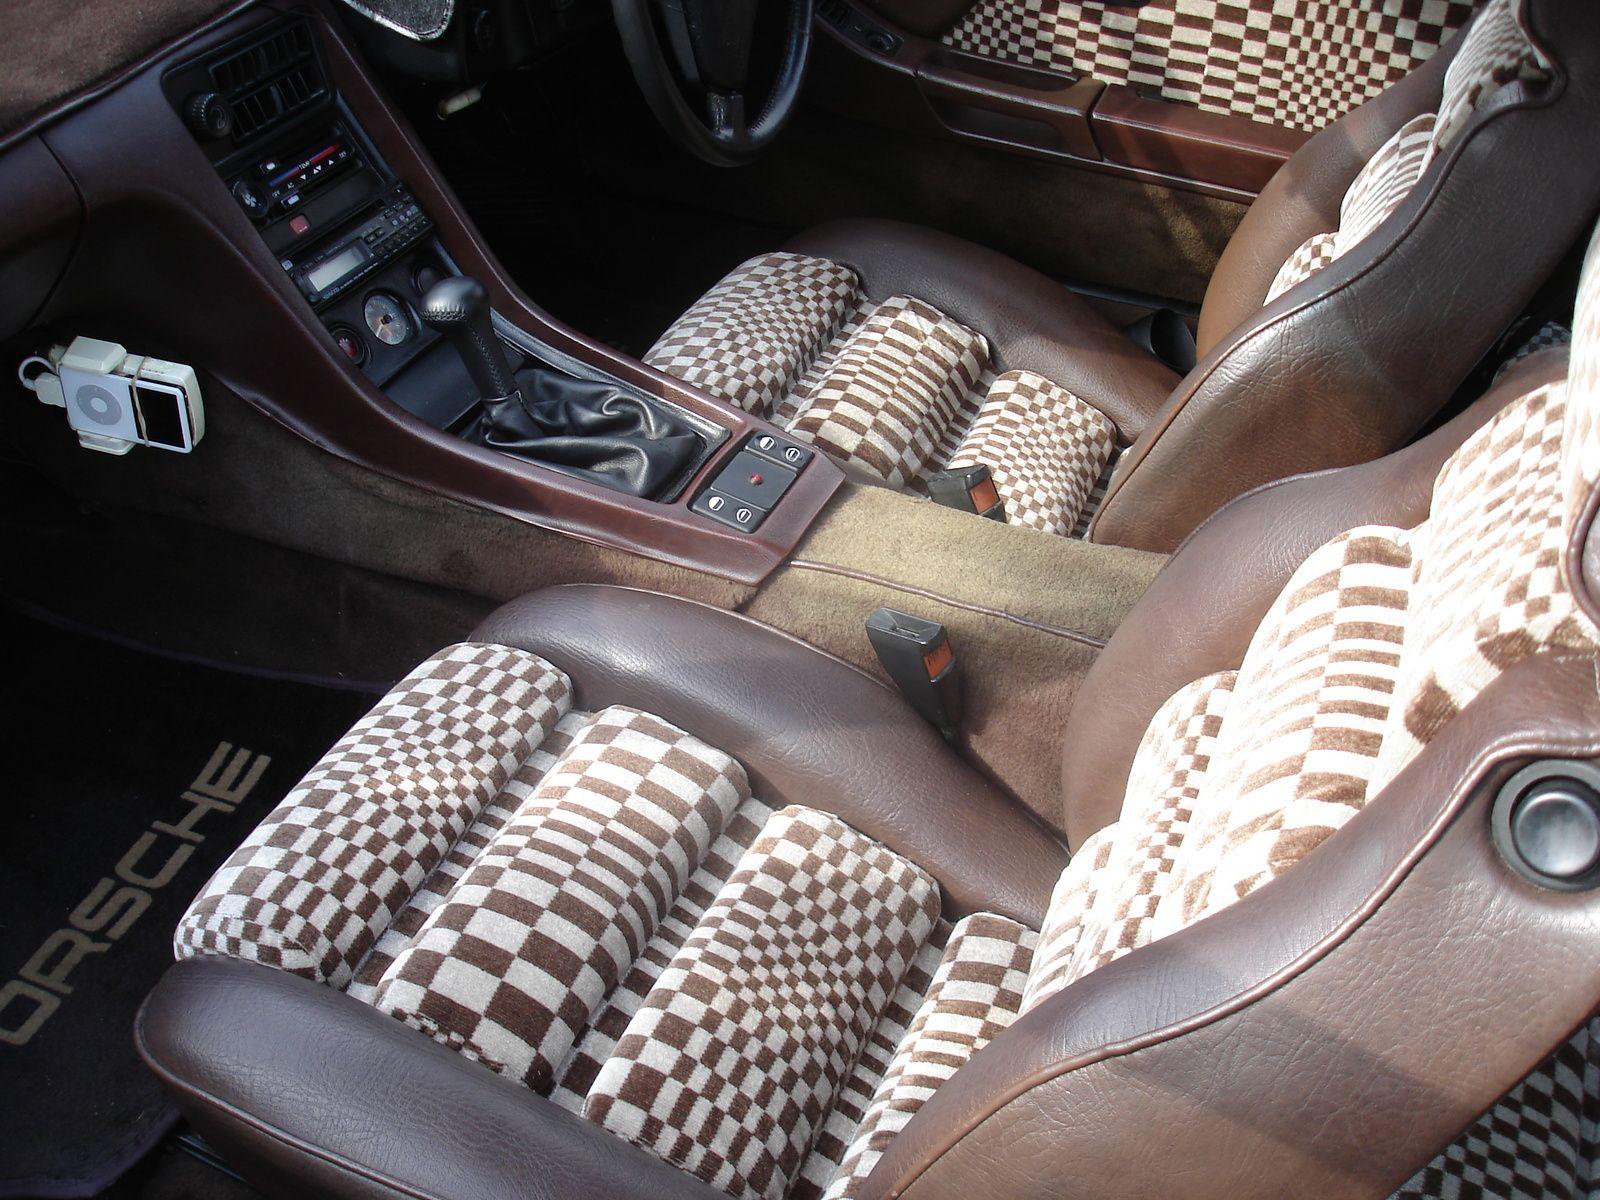 porsche 928 interior seats | Porsche 928 | Sofa upholstery